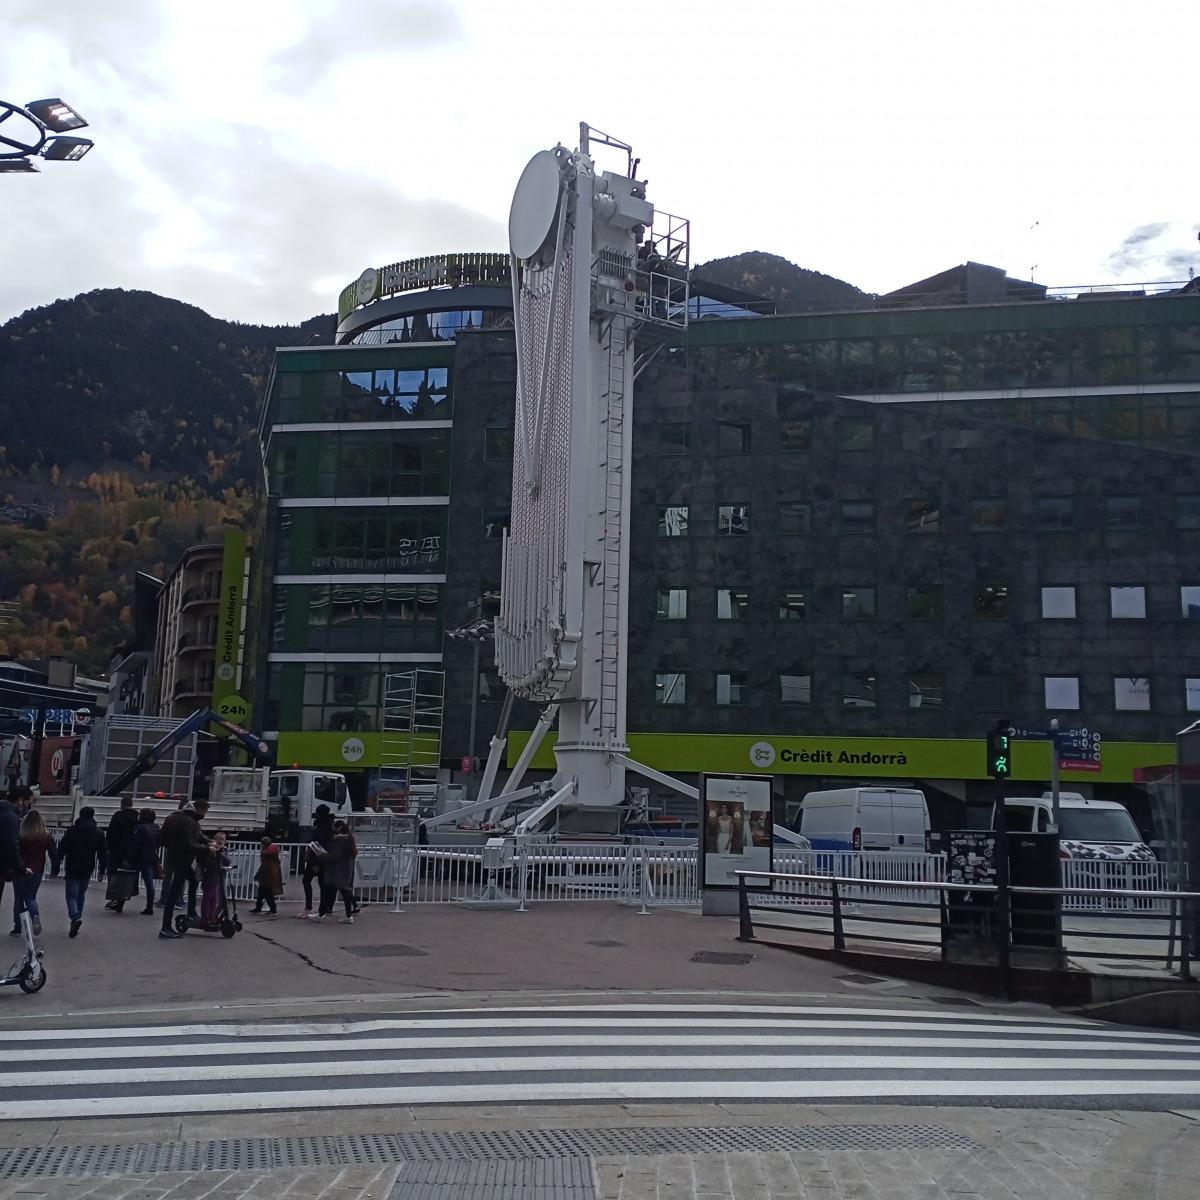 Perspectiva de la Rotonda dimarts al matí, amb els operaris desplegant l'estructura, que farà 27 metres d'alçada.